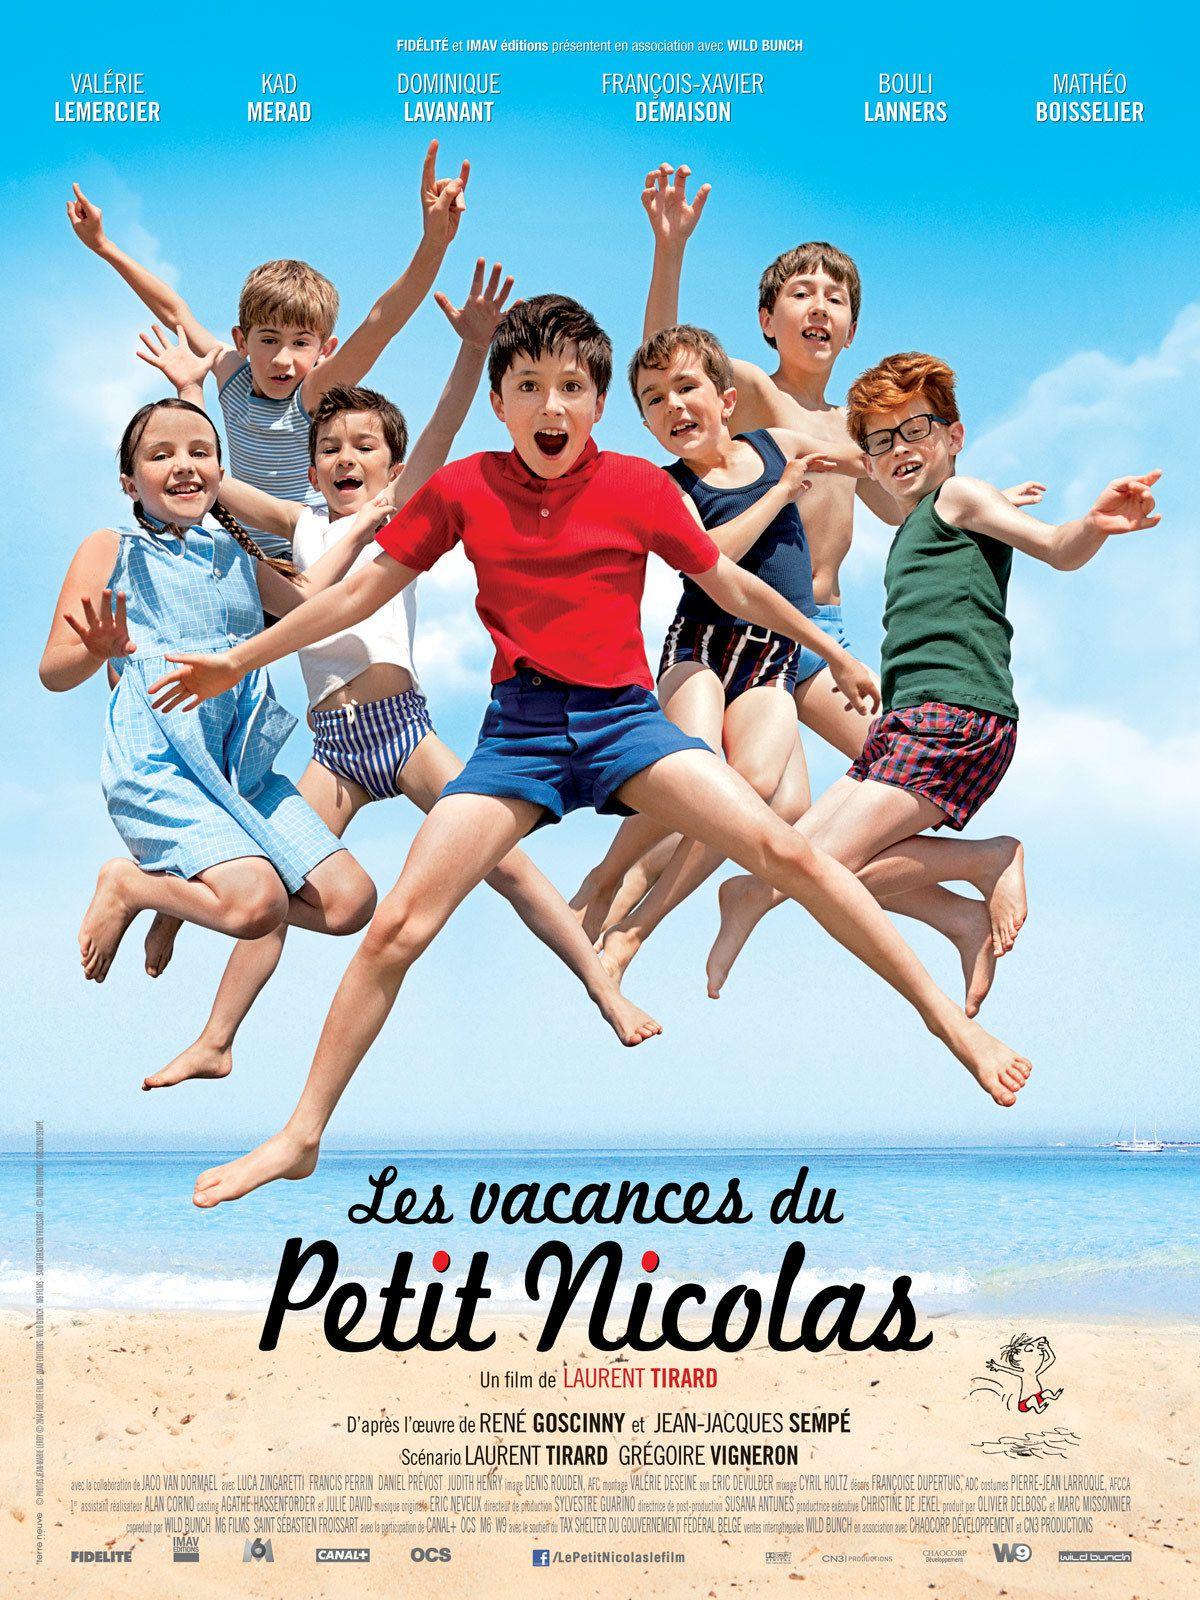 Les Vacances du Petit Nicolas - Film (2014)